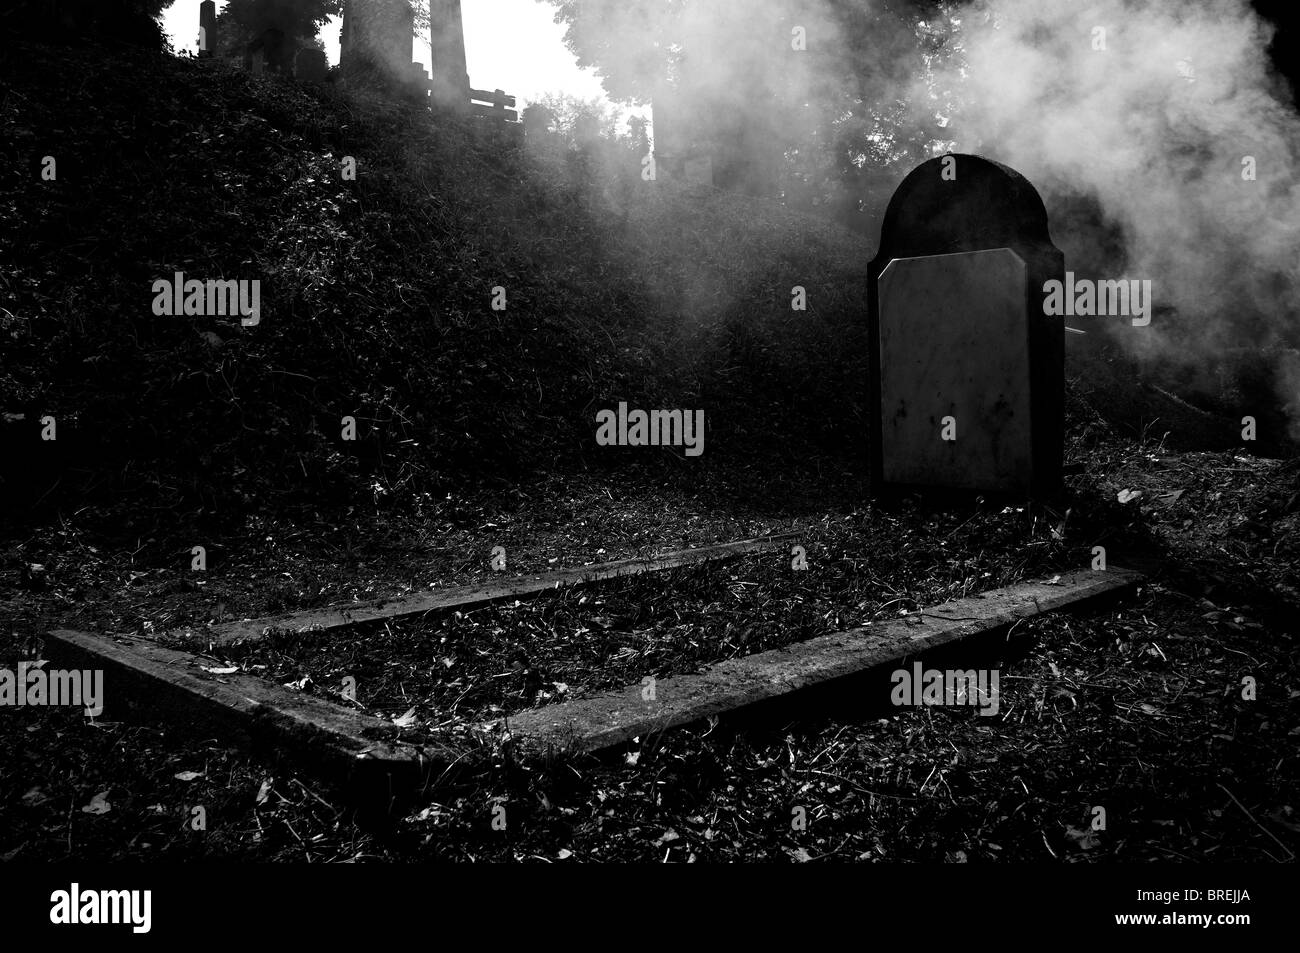 Romania - Transylvania: Sighişoara Cemetery. Fog among the graves - Stock Image